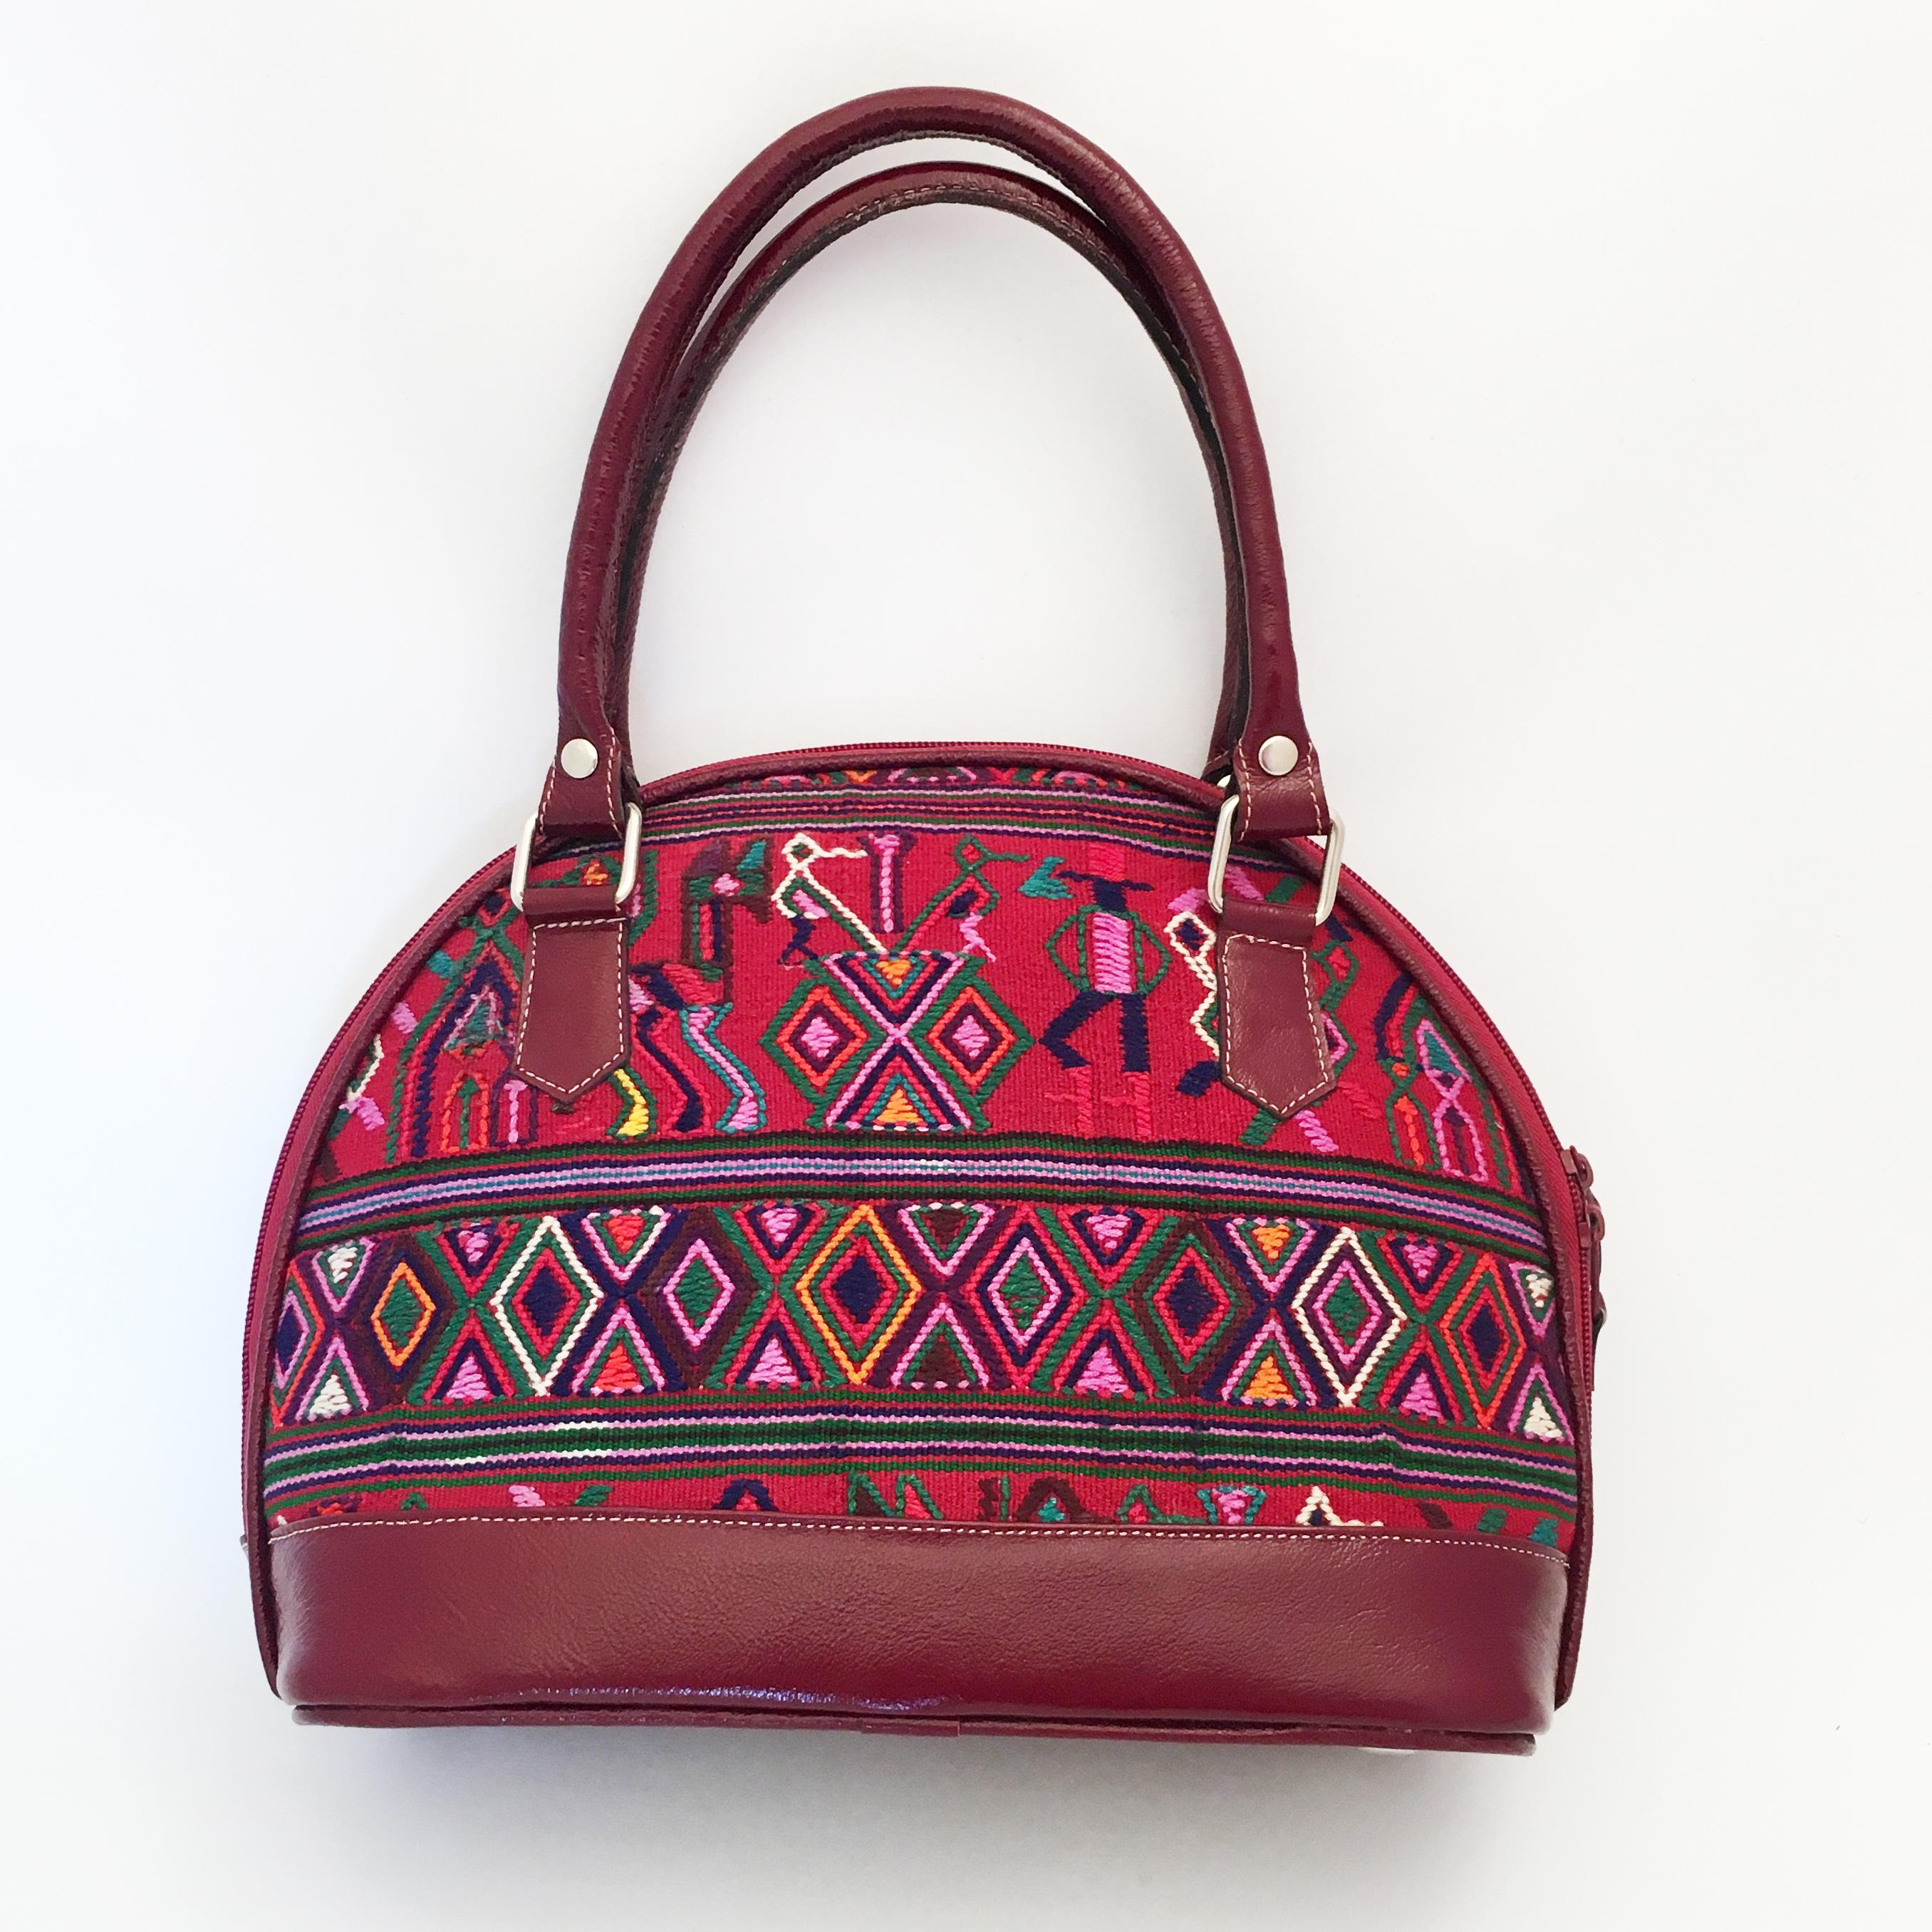 väska, axelväska, guatemala, återbruk, recycle, reuse (11)